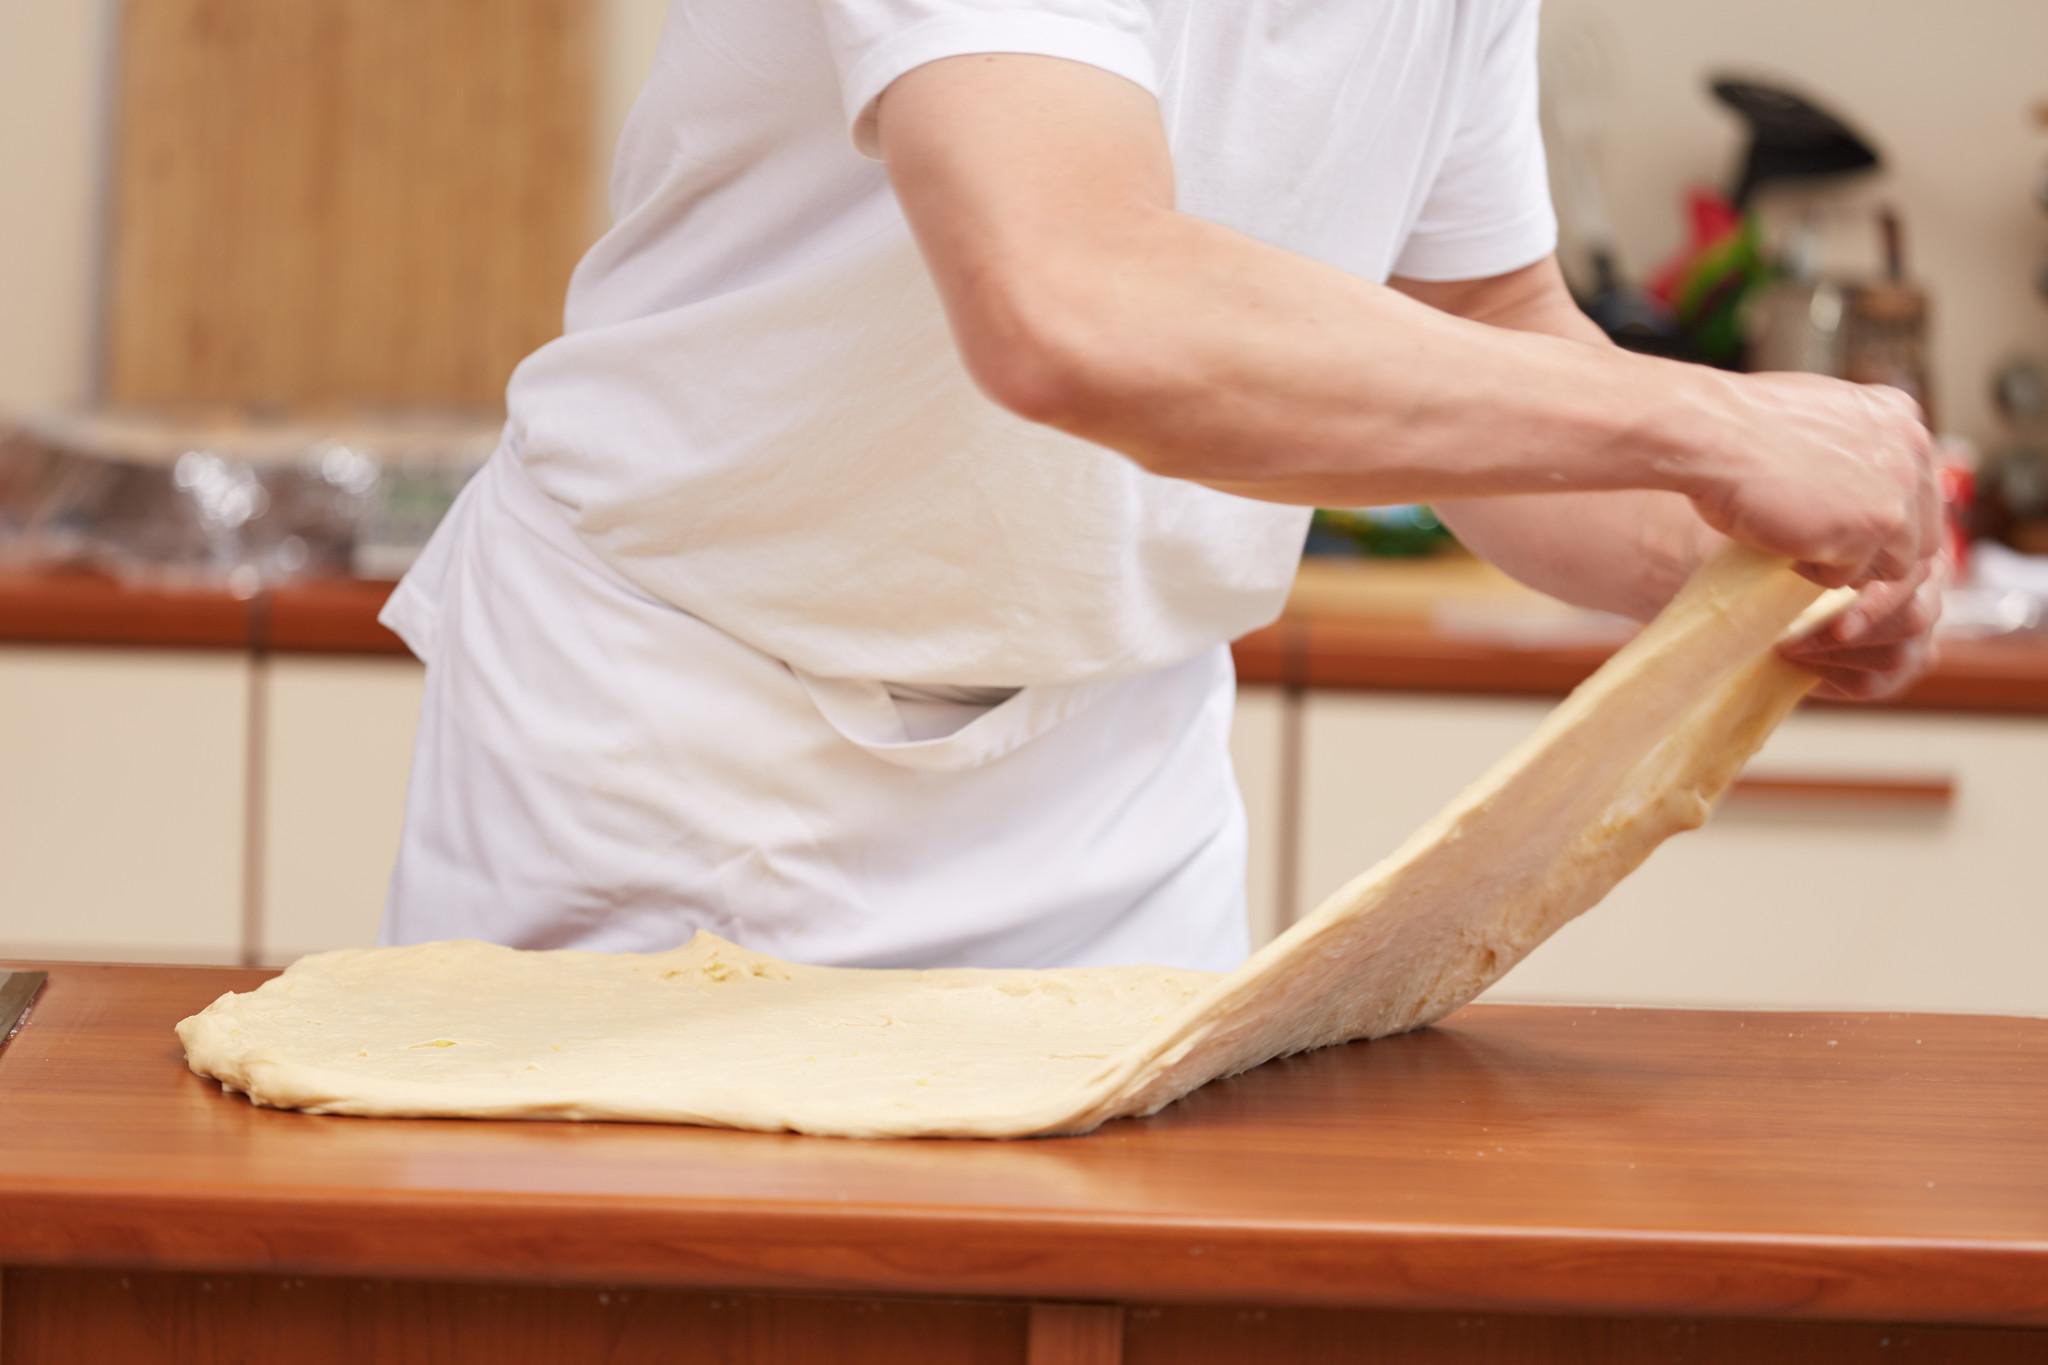 18064 Домашний хлеб. Обминки теста во время брожения. Метод «растянуть и сложить»